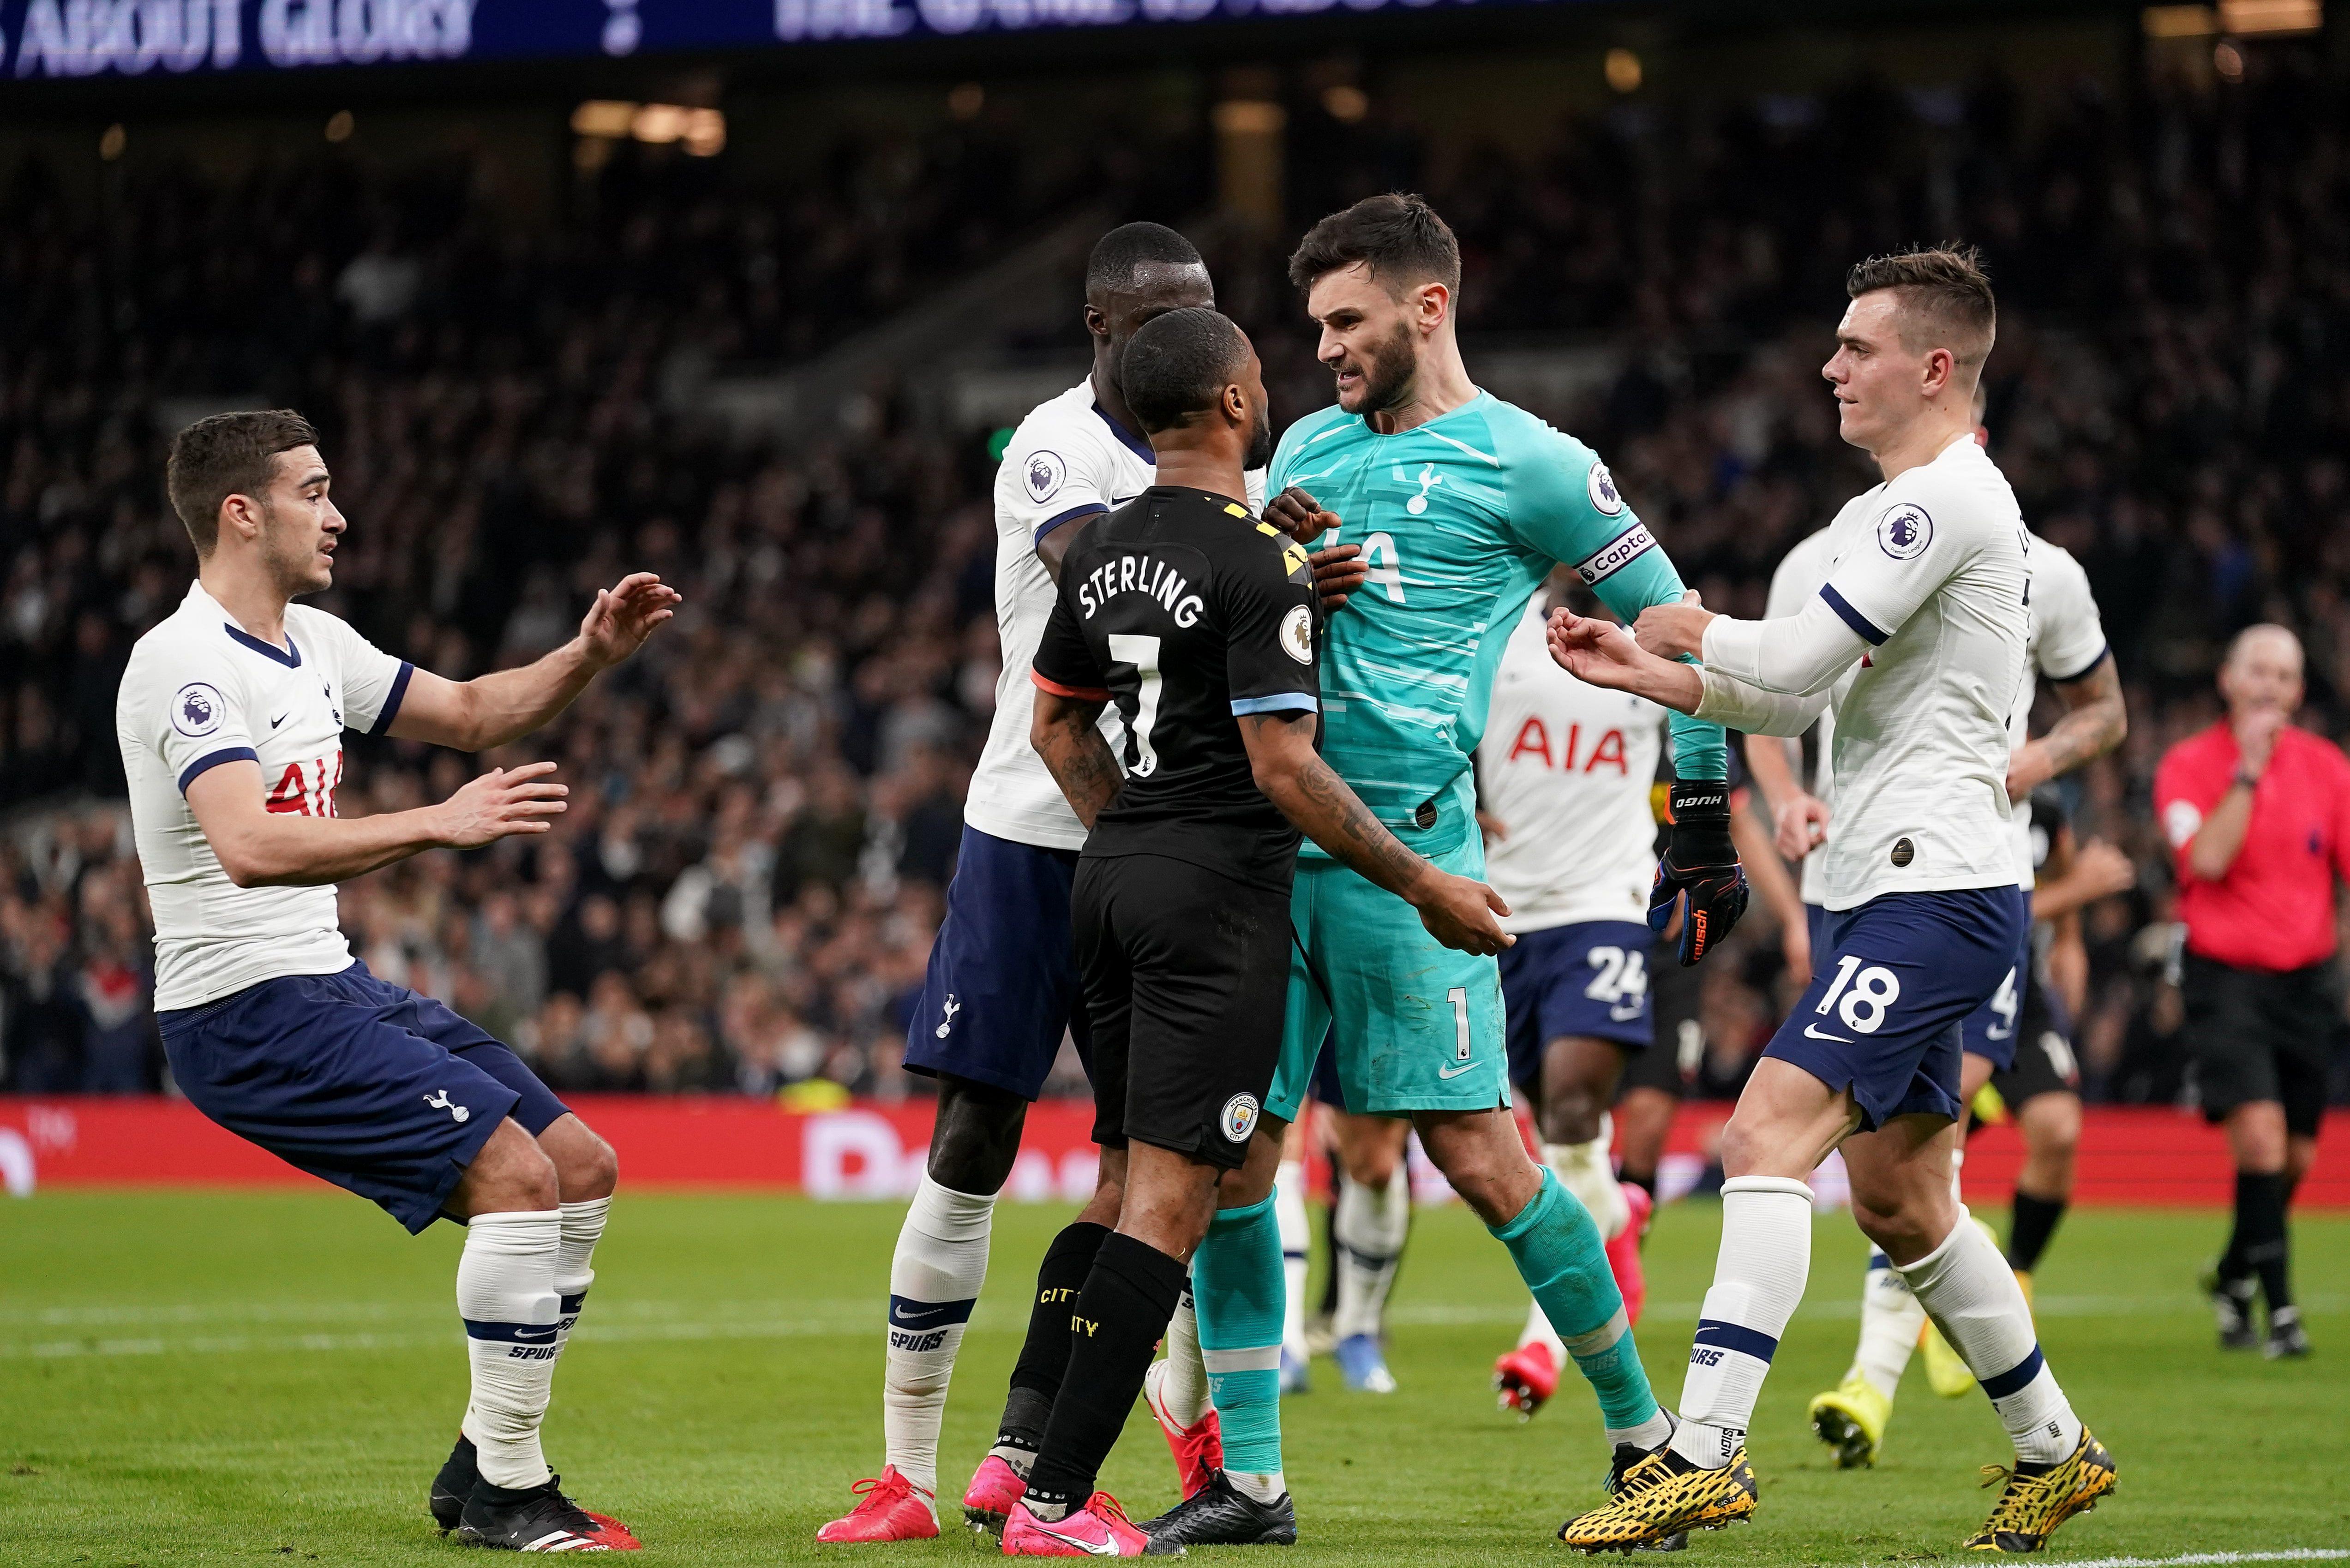 Những tranh cãi do VAR gây nên trong trận Tottenham - Man City mới đây